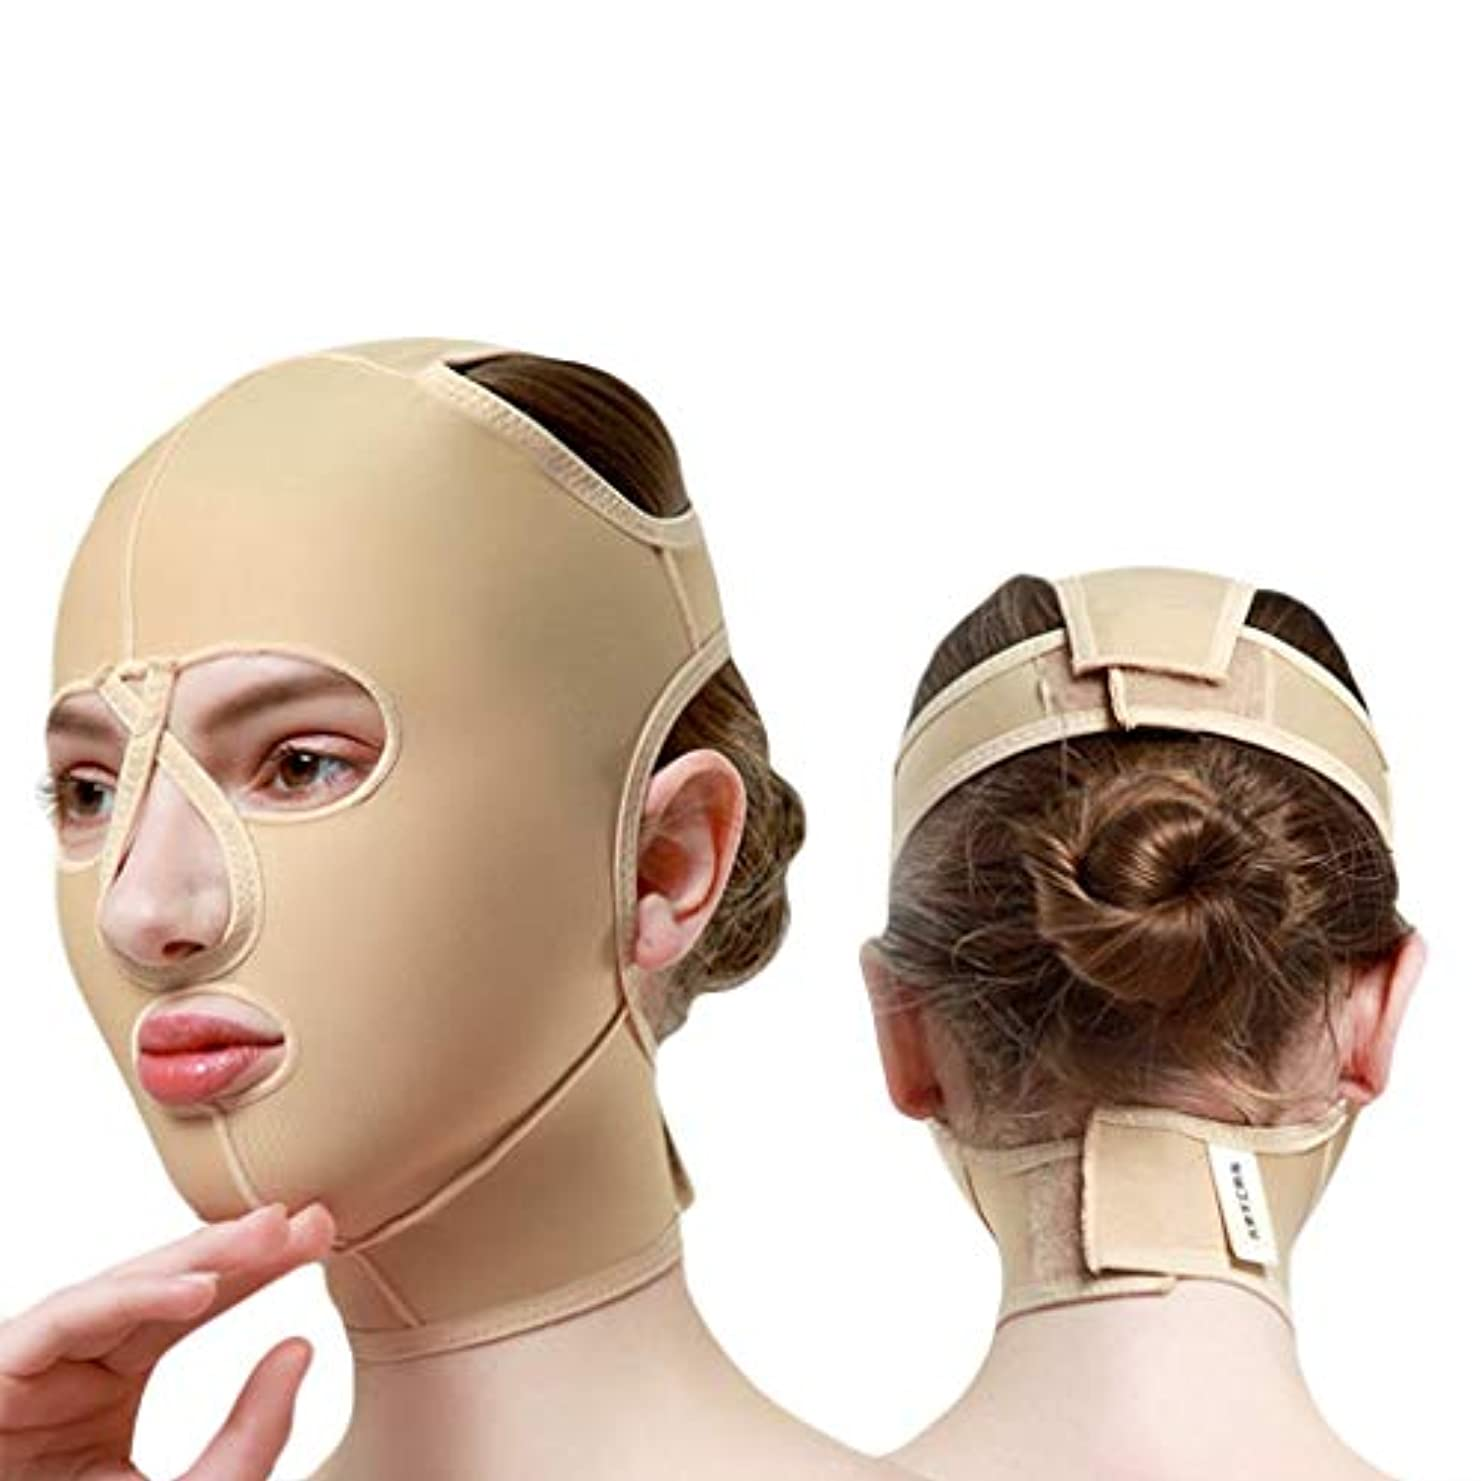 汚す協定減らすチンストラップ、顔彫りツール、リフティングマスク、ダブルチンリデューサー、フェイスリフティングエラスティックマスクメス(サイズ:M),L